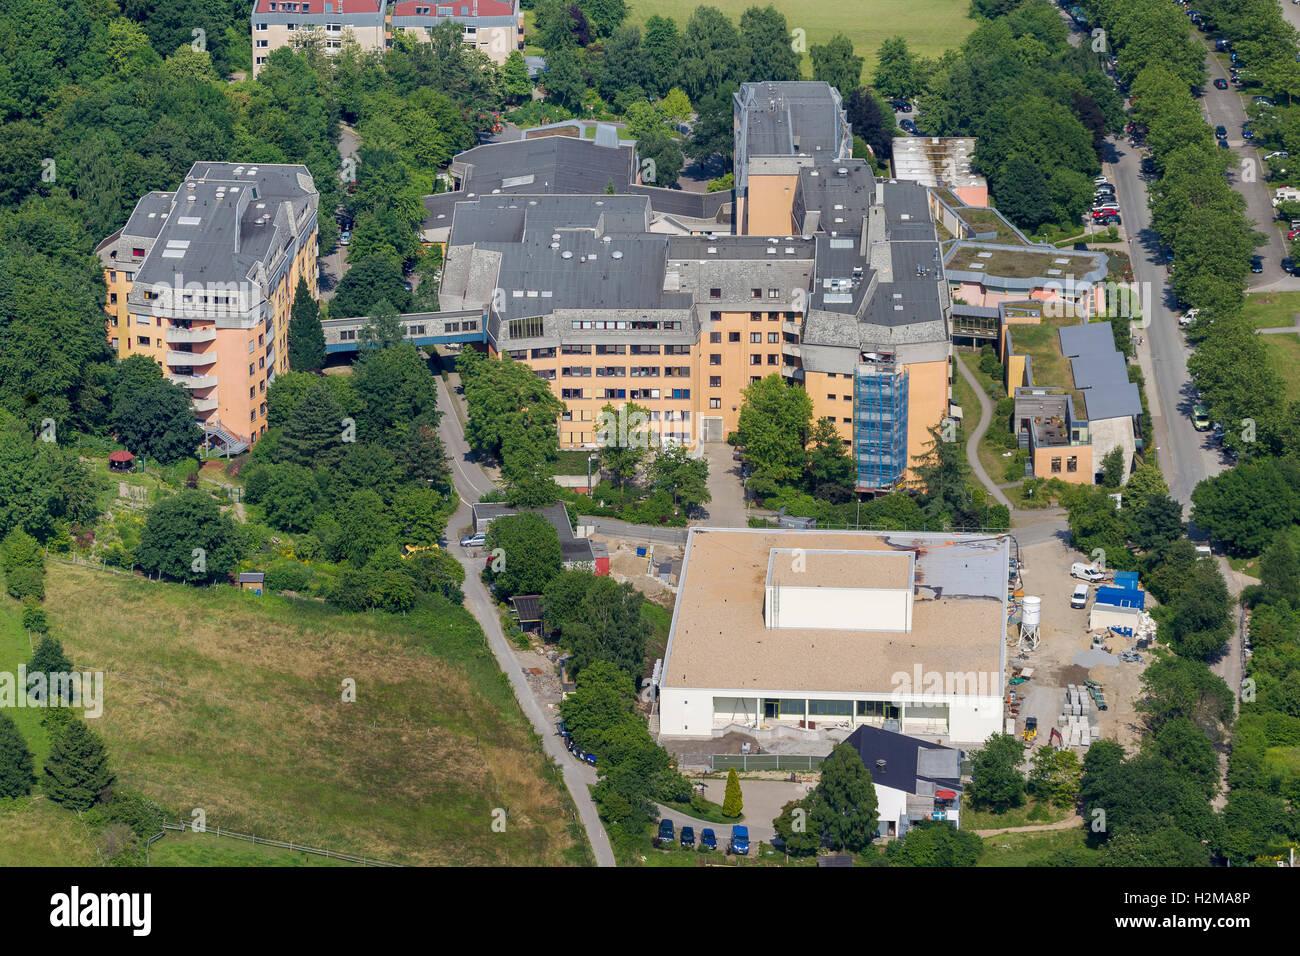 Aerial view, Herdecke Community Hospital, West End, Aerial view of Herdecke, Ruhr area, North Rhine-Westphalia, - Stock Image